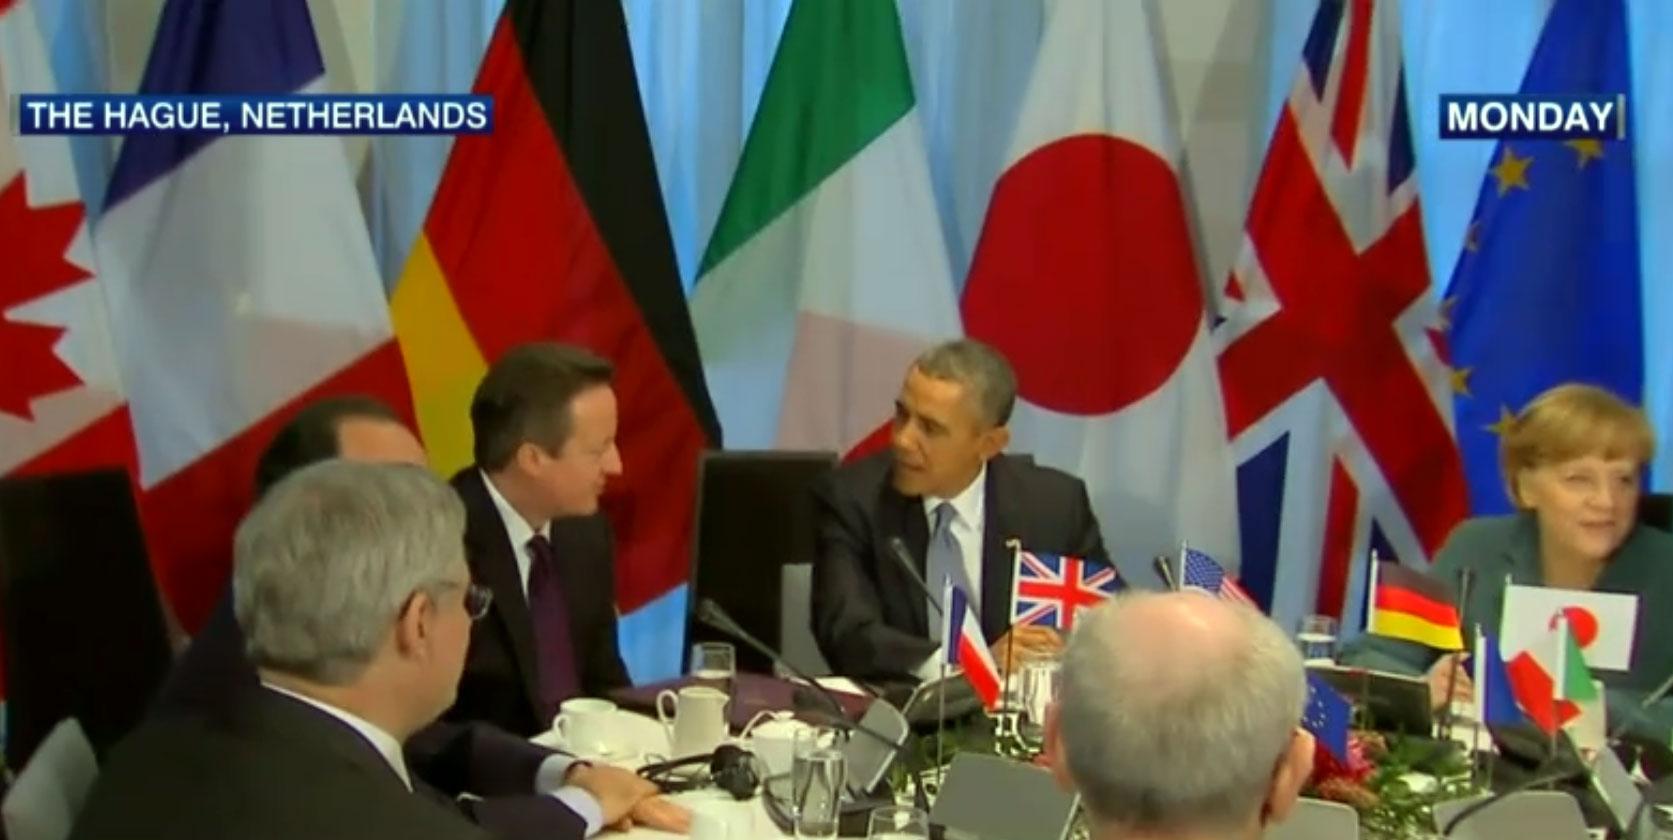 Zdjęcie pobrano z www.cnn.com